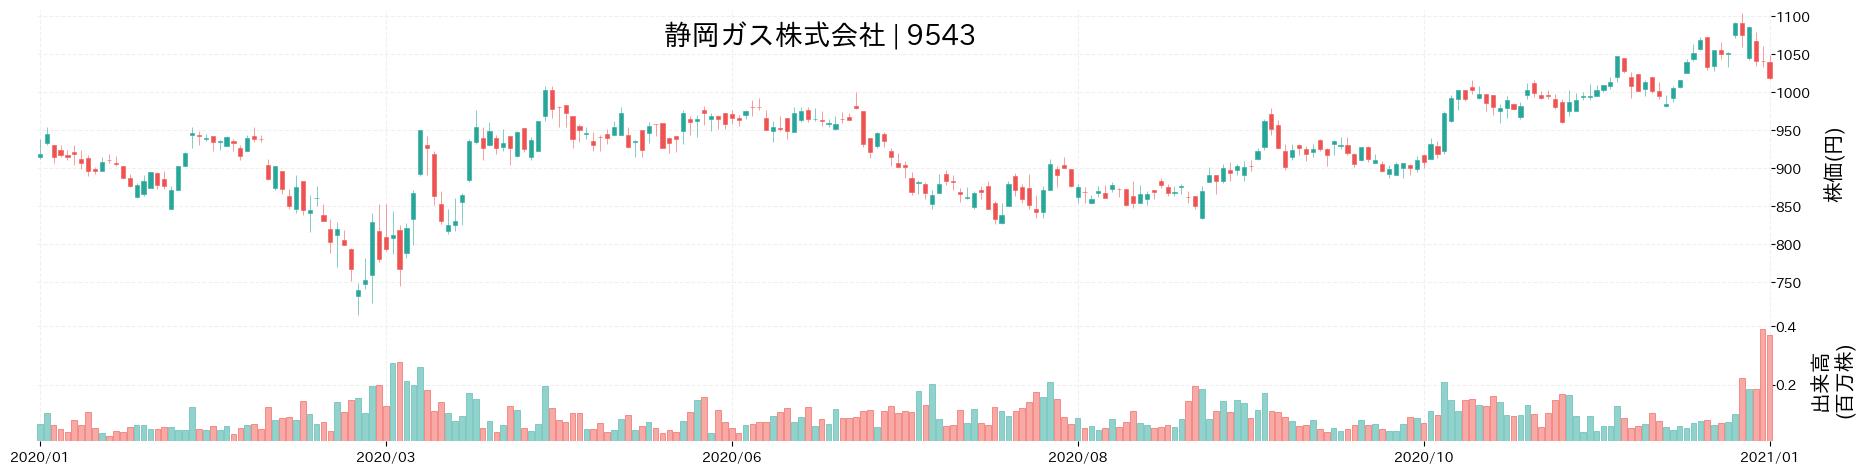 静岡ガス株式会社の株価推移(2020)